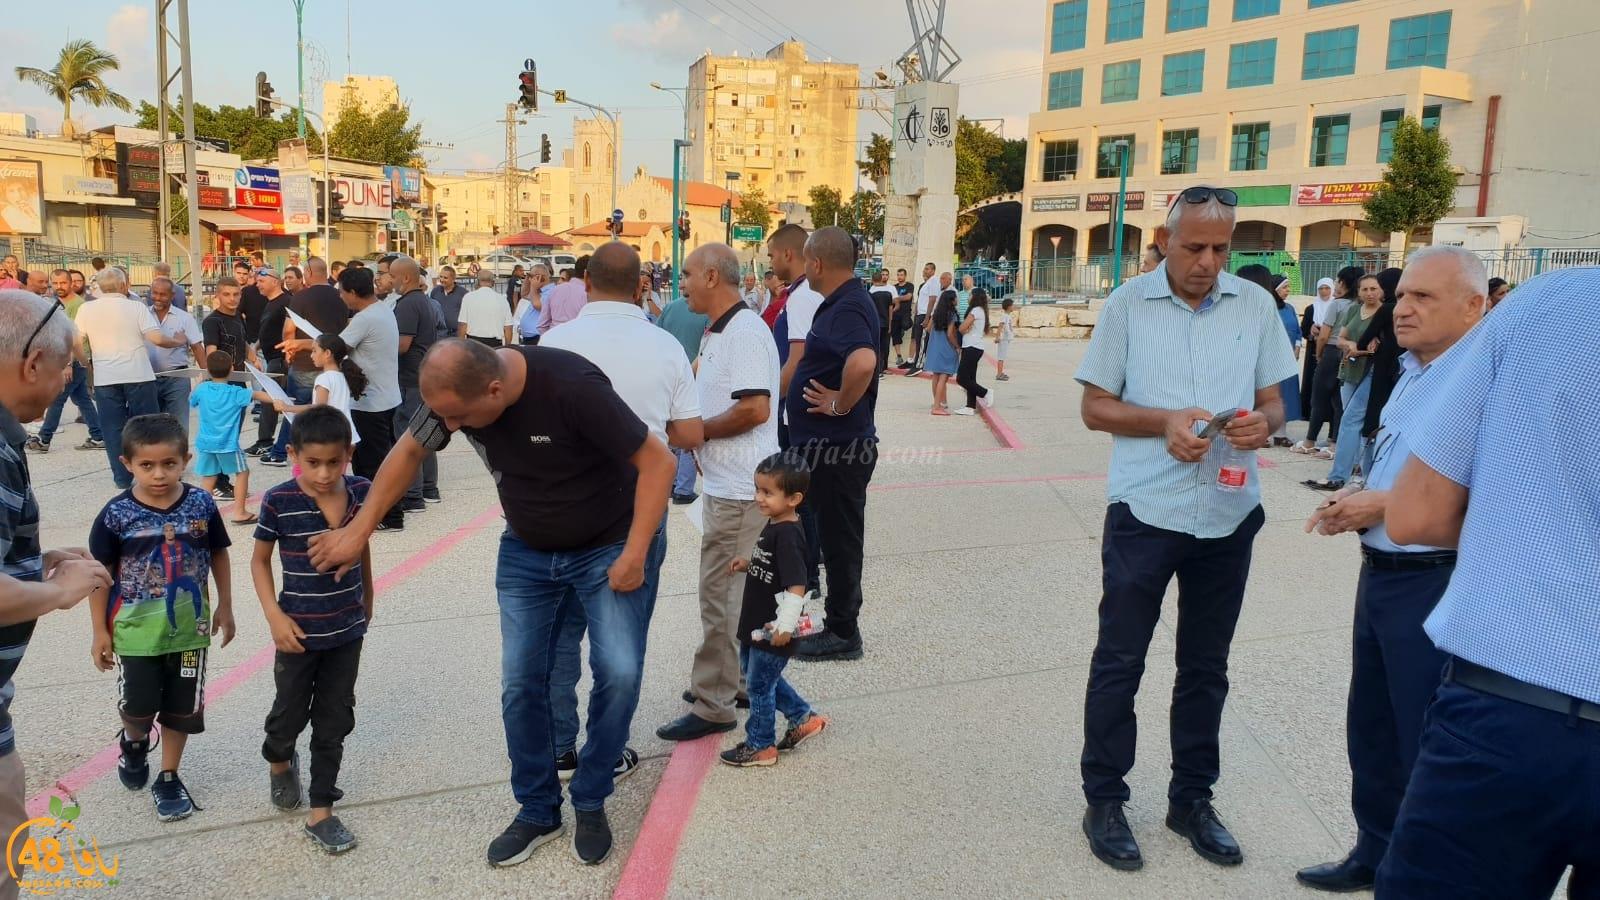 بالصور: مشاركة واسعة في تظاهرة مناهضة للقوميّة في الرملة